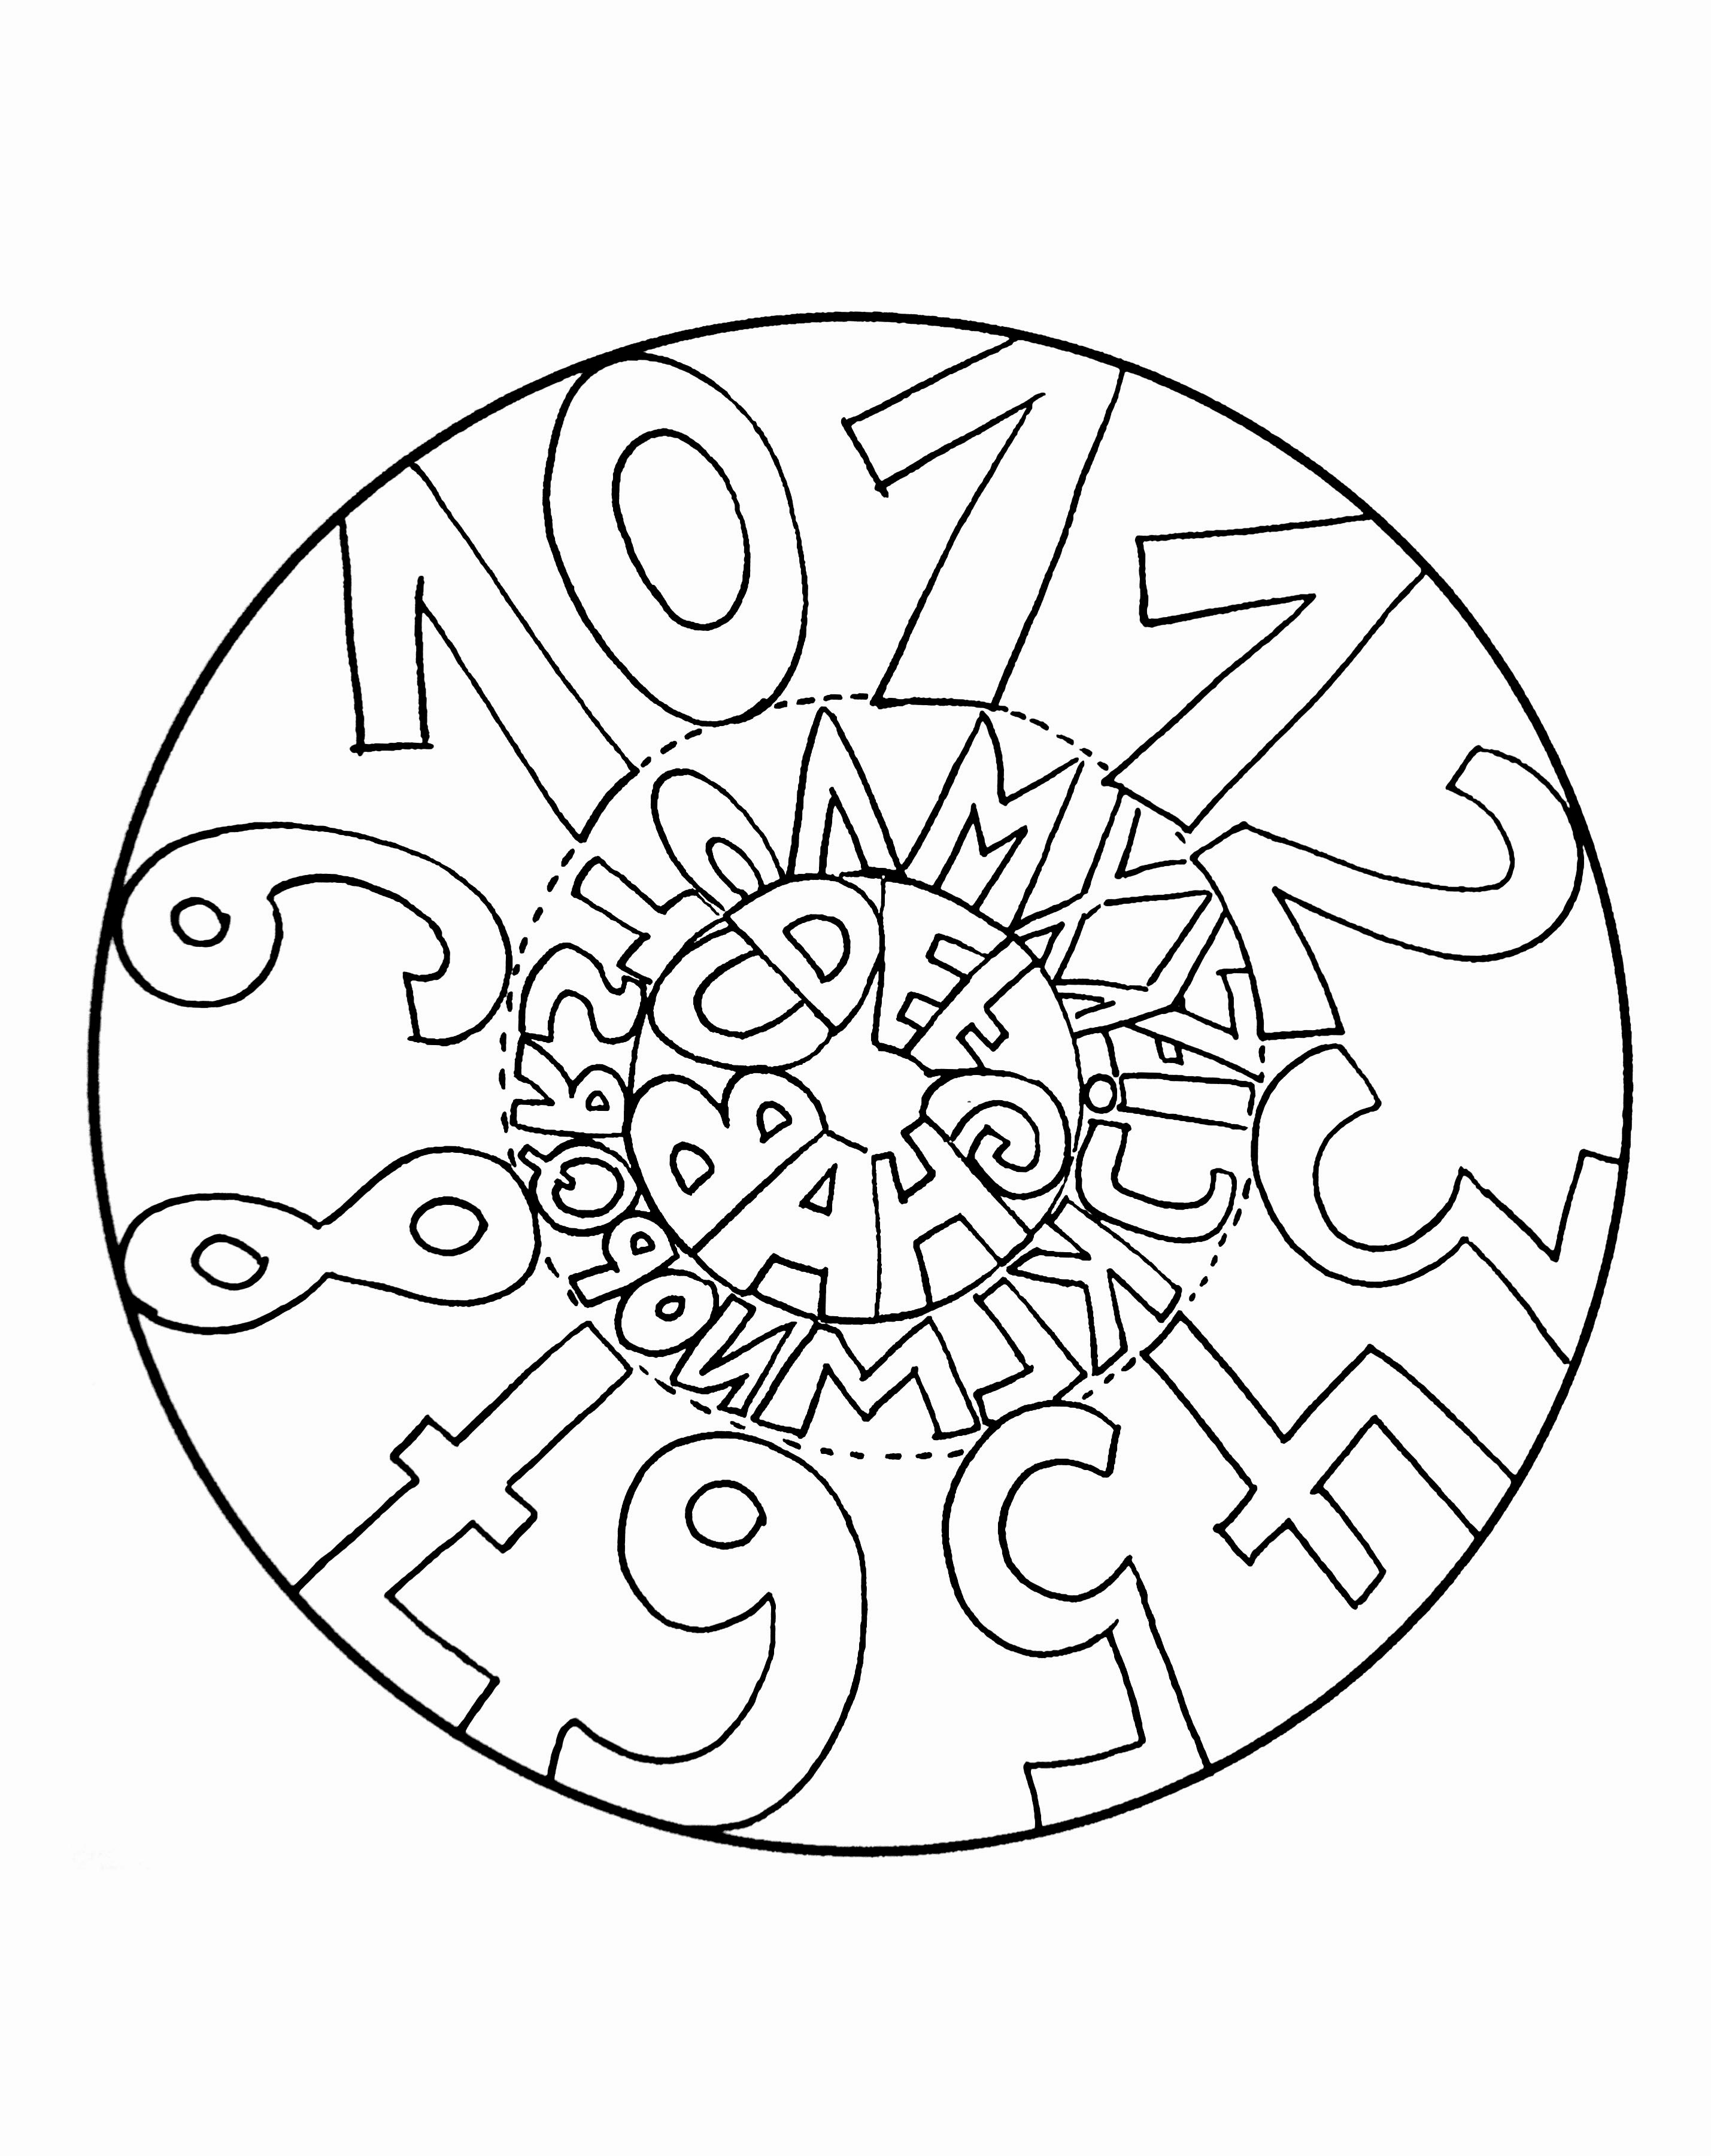 Mandala facile pour enfants avec des chiffres mandalas - Coloriage mandala enfants ...